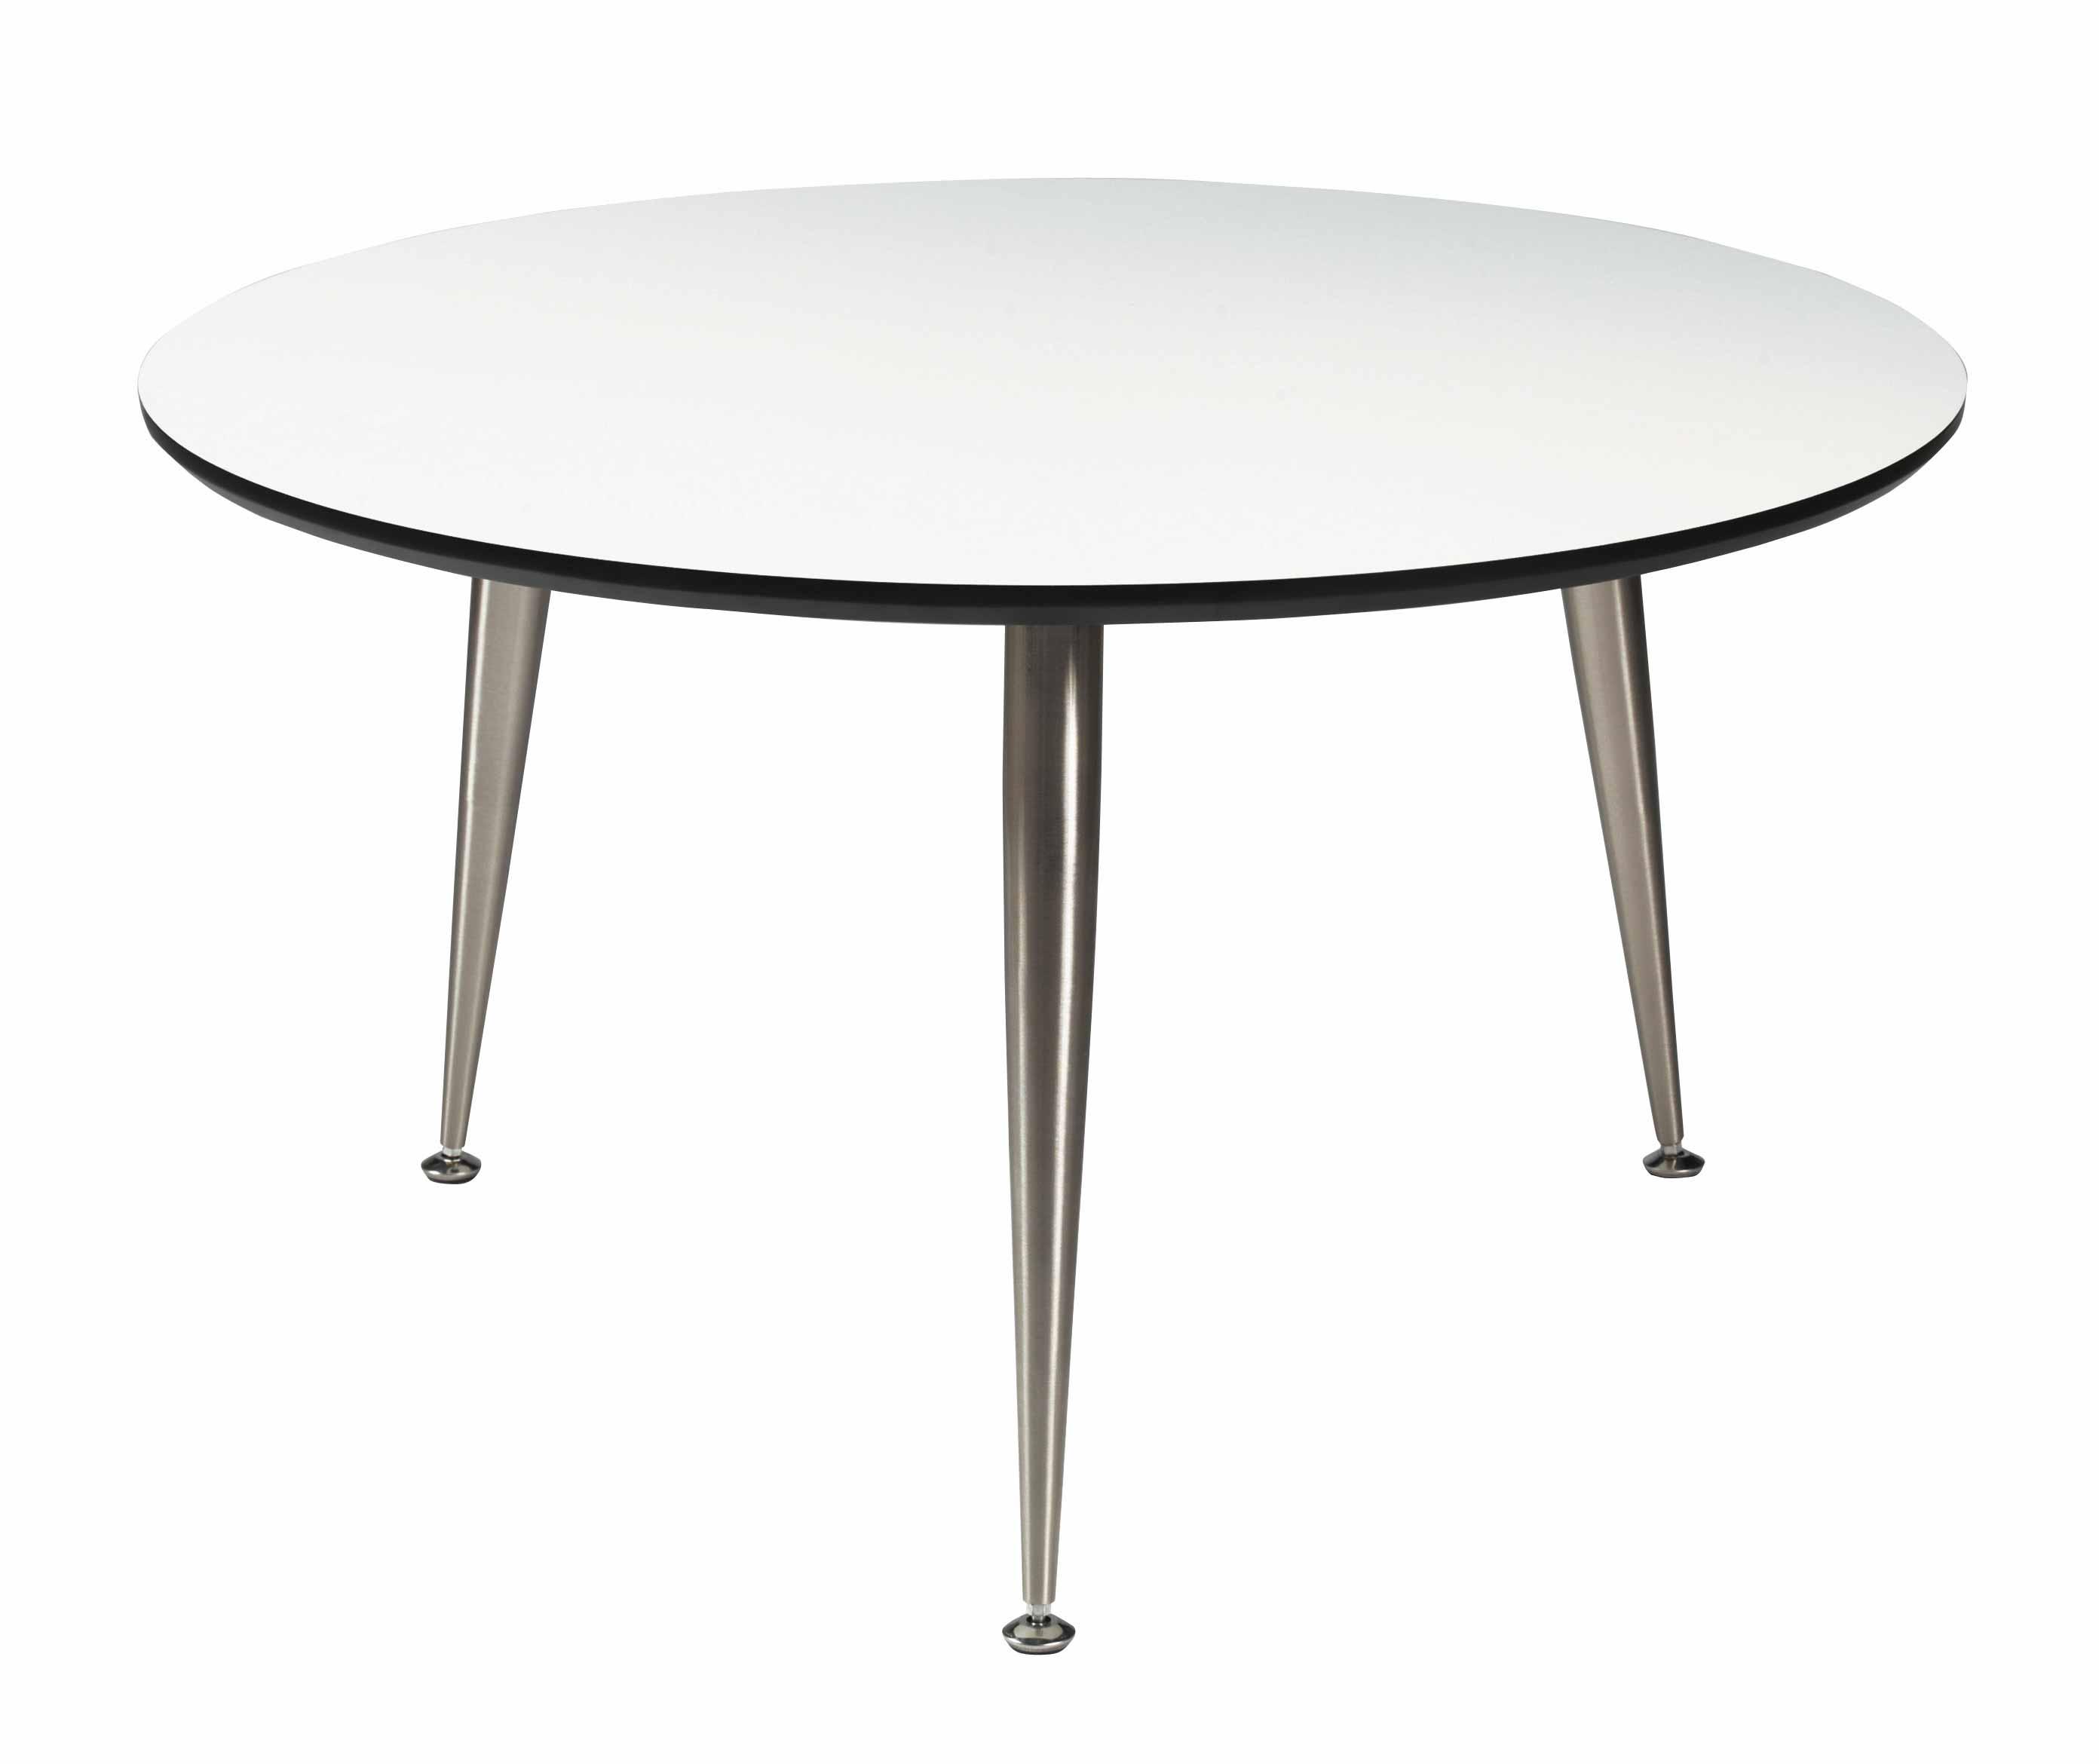 Strike sofabord - Hvidt træ, stål stel, rundt (Ø:85)